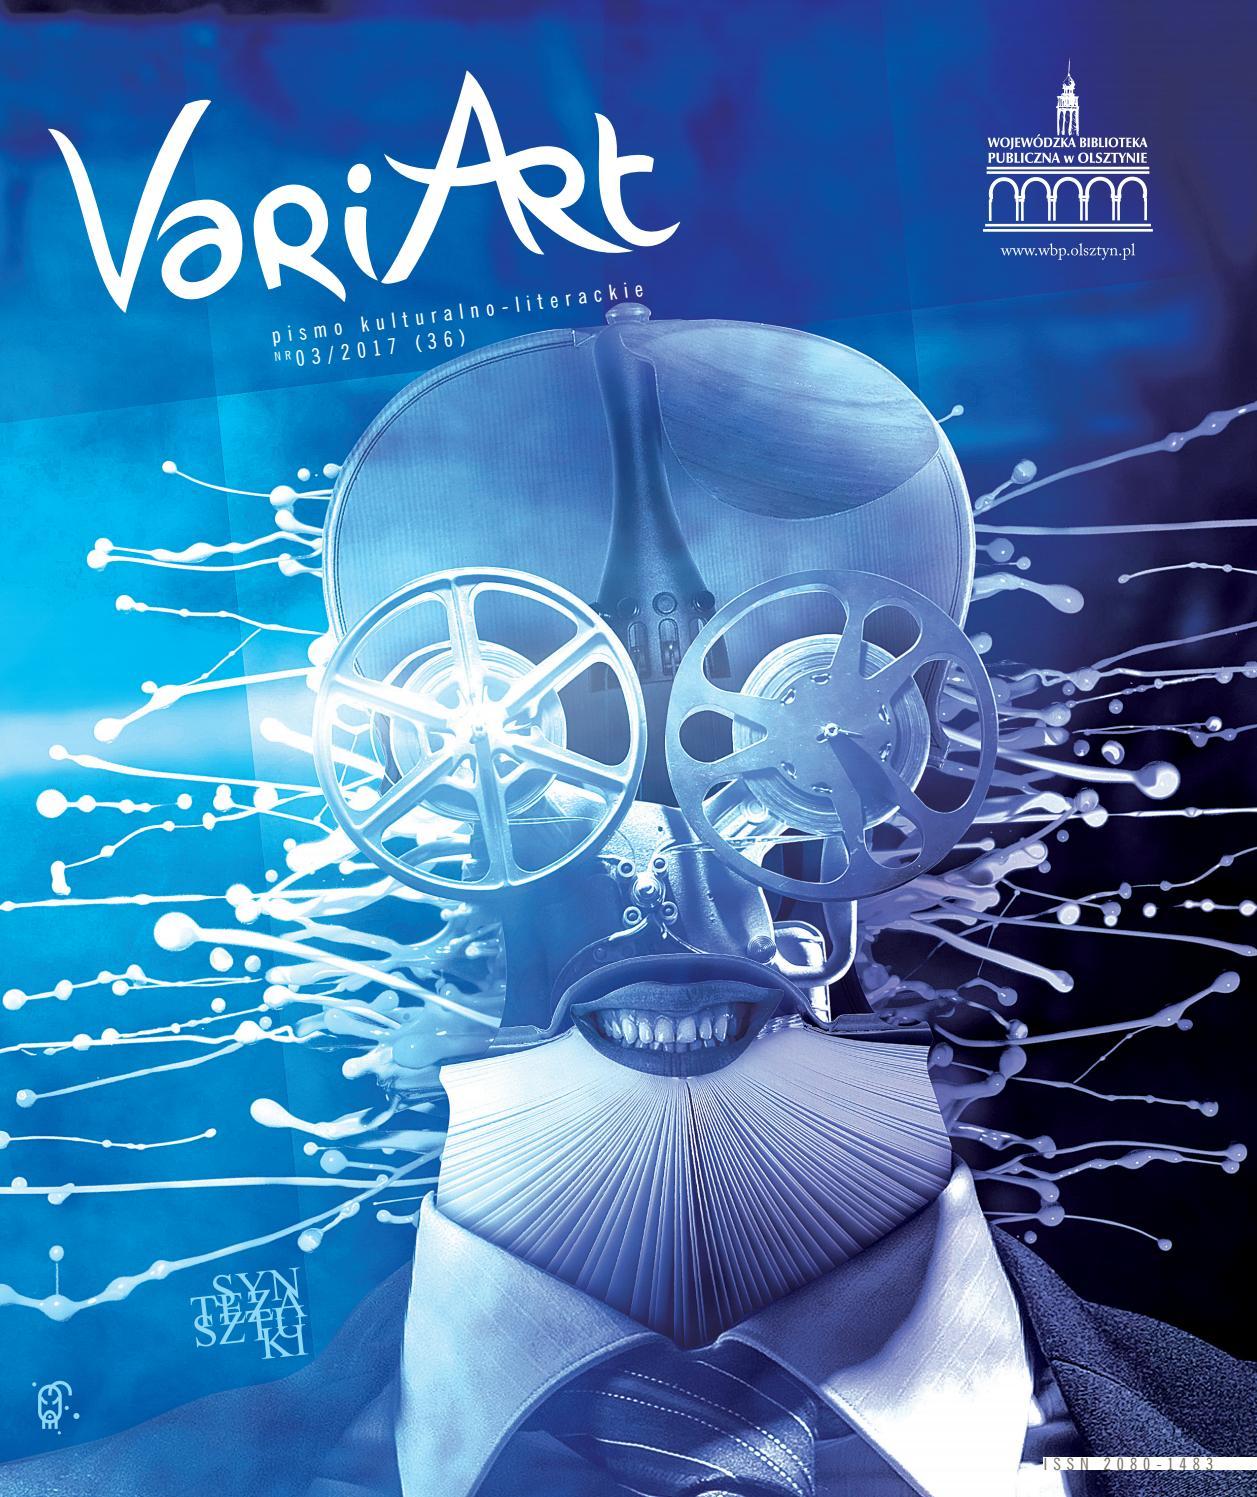 Variart 32017 By Wojewódzka Biblioteka Publiczna W